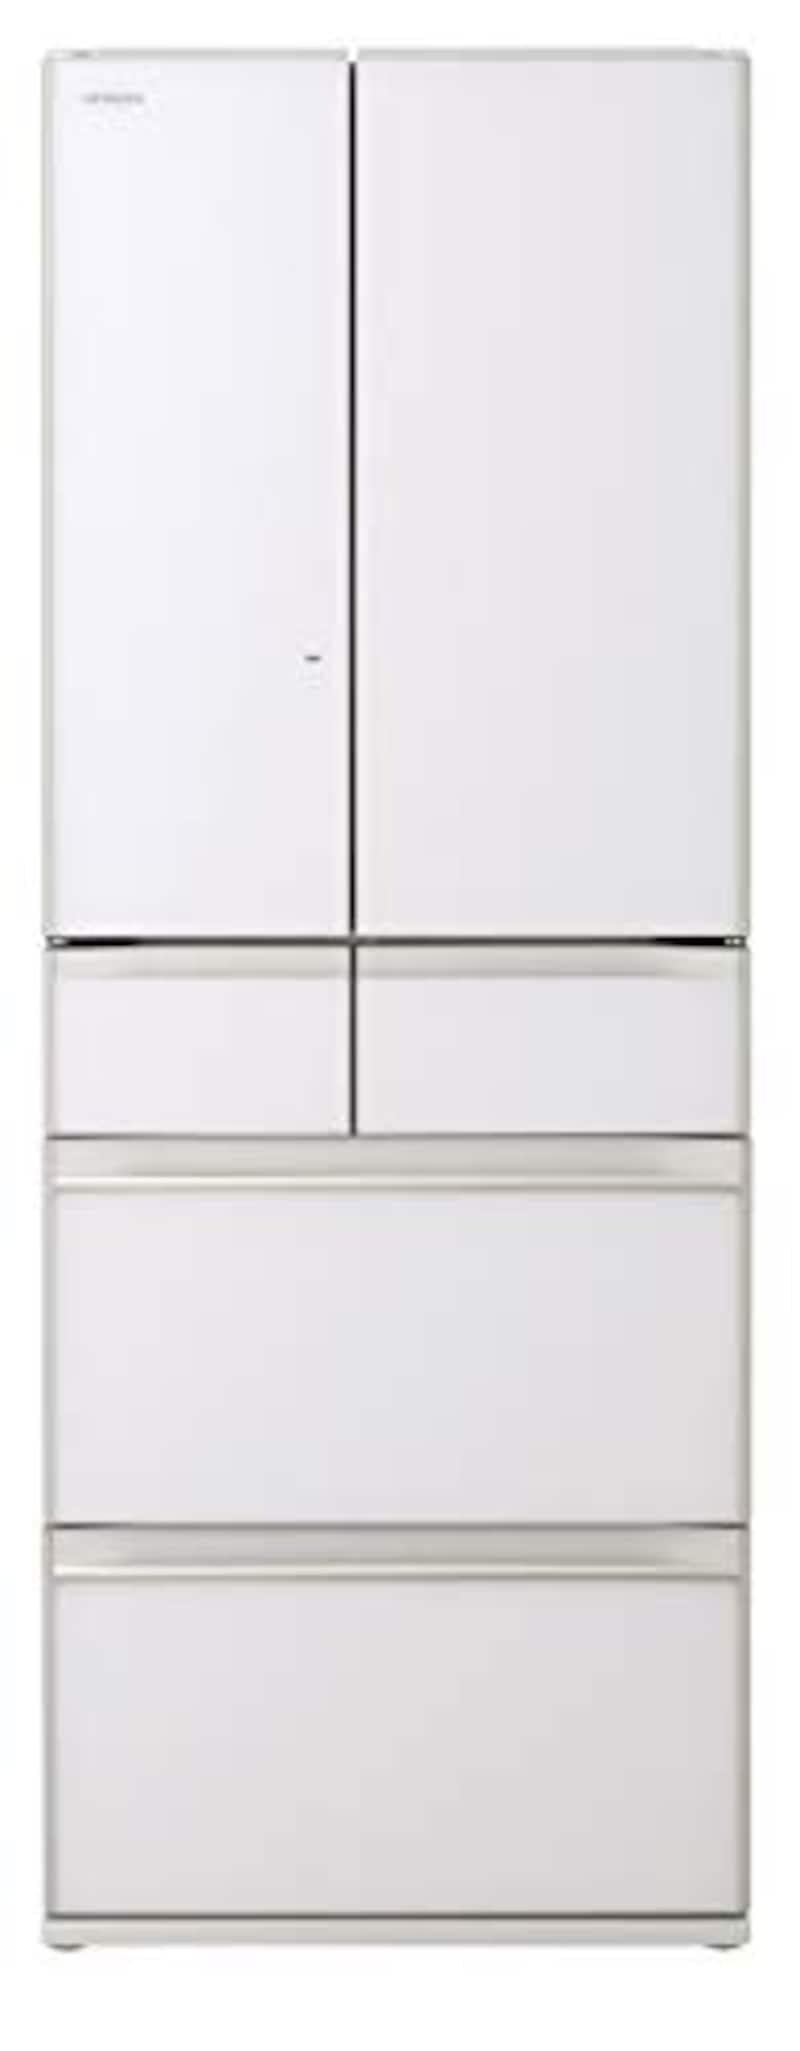 HITACHI(日立),冷蔵庫 HWタイプ,R-HW60N